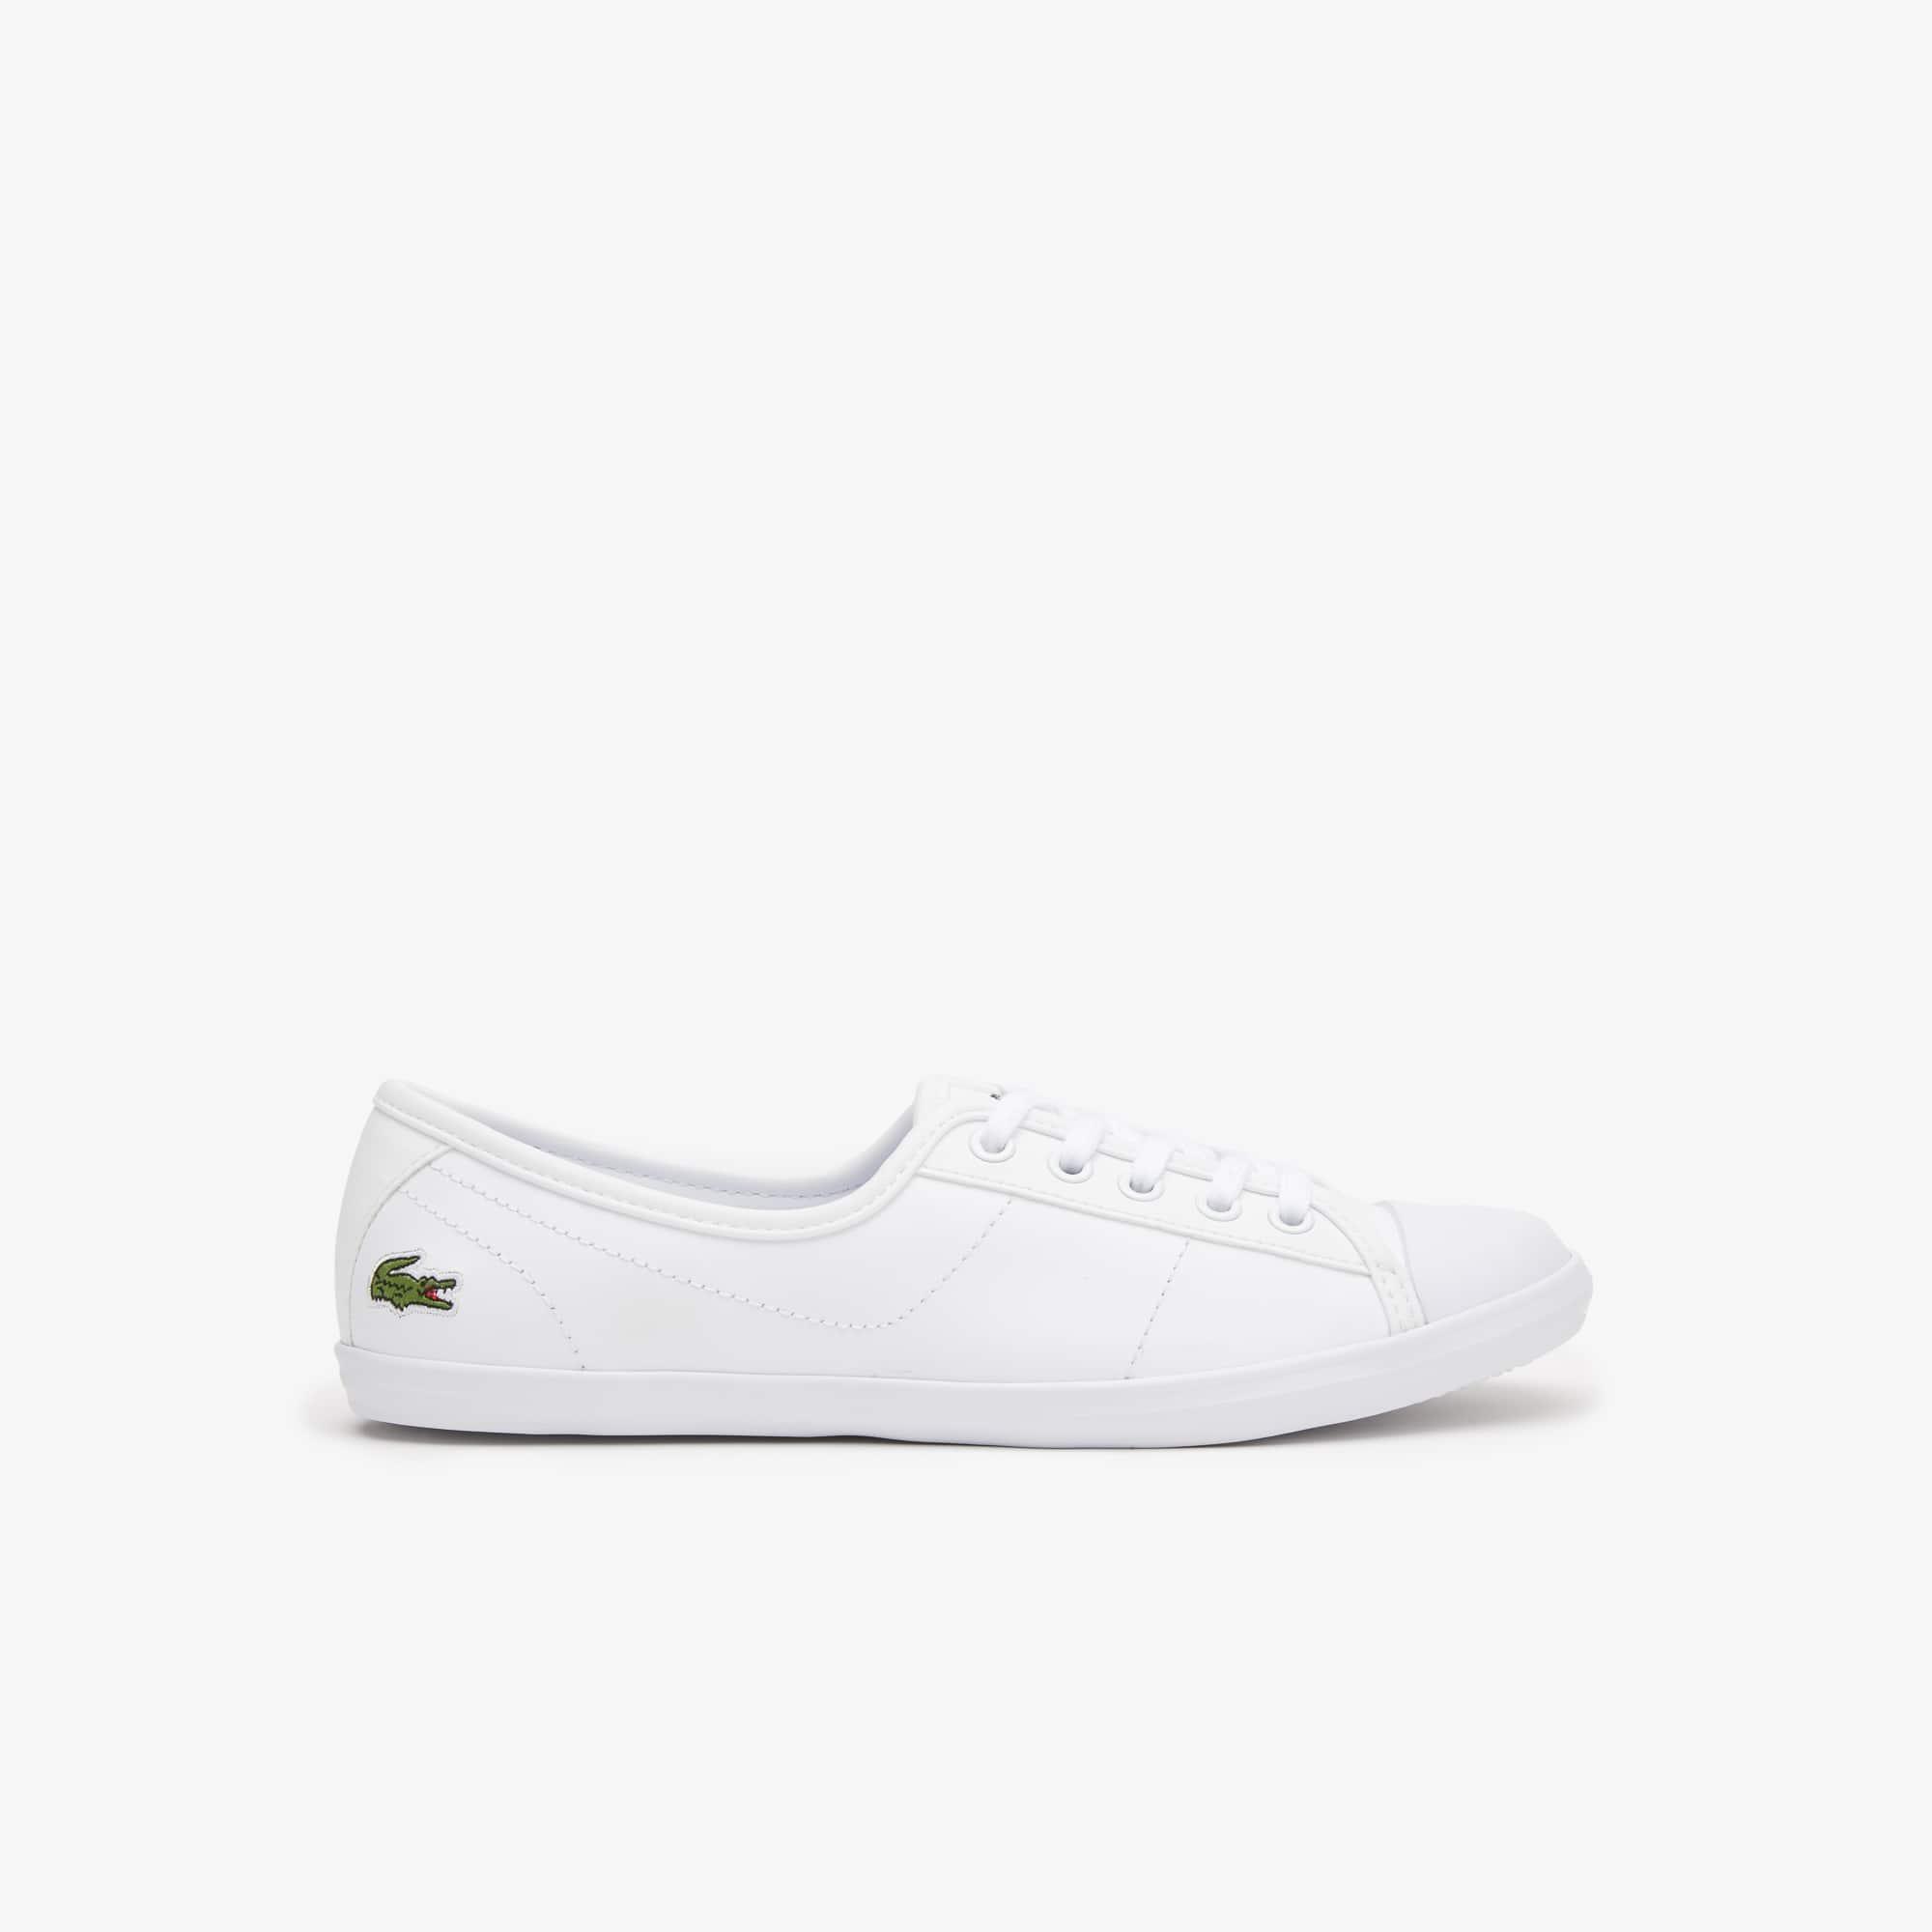 Lacoste Damen-Sneaker Ziane B L1 aus LEDER in Weiß